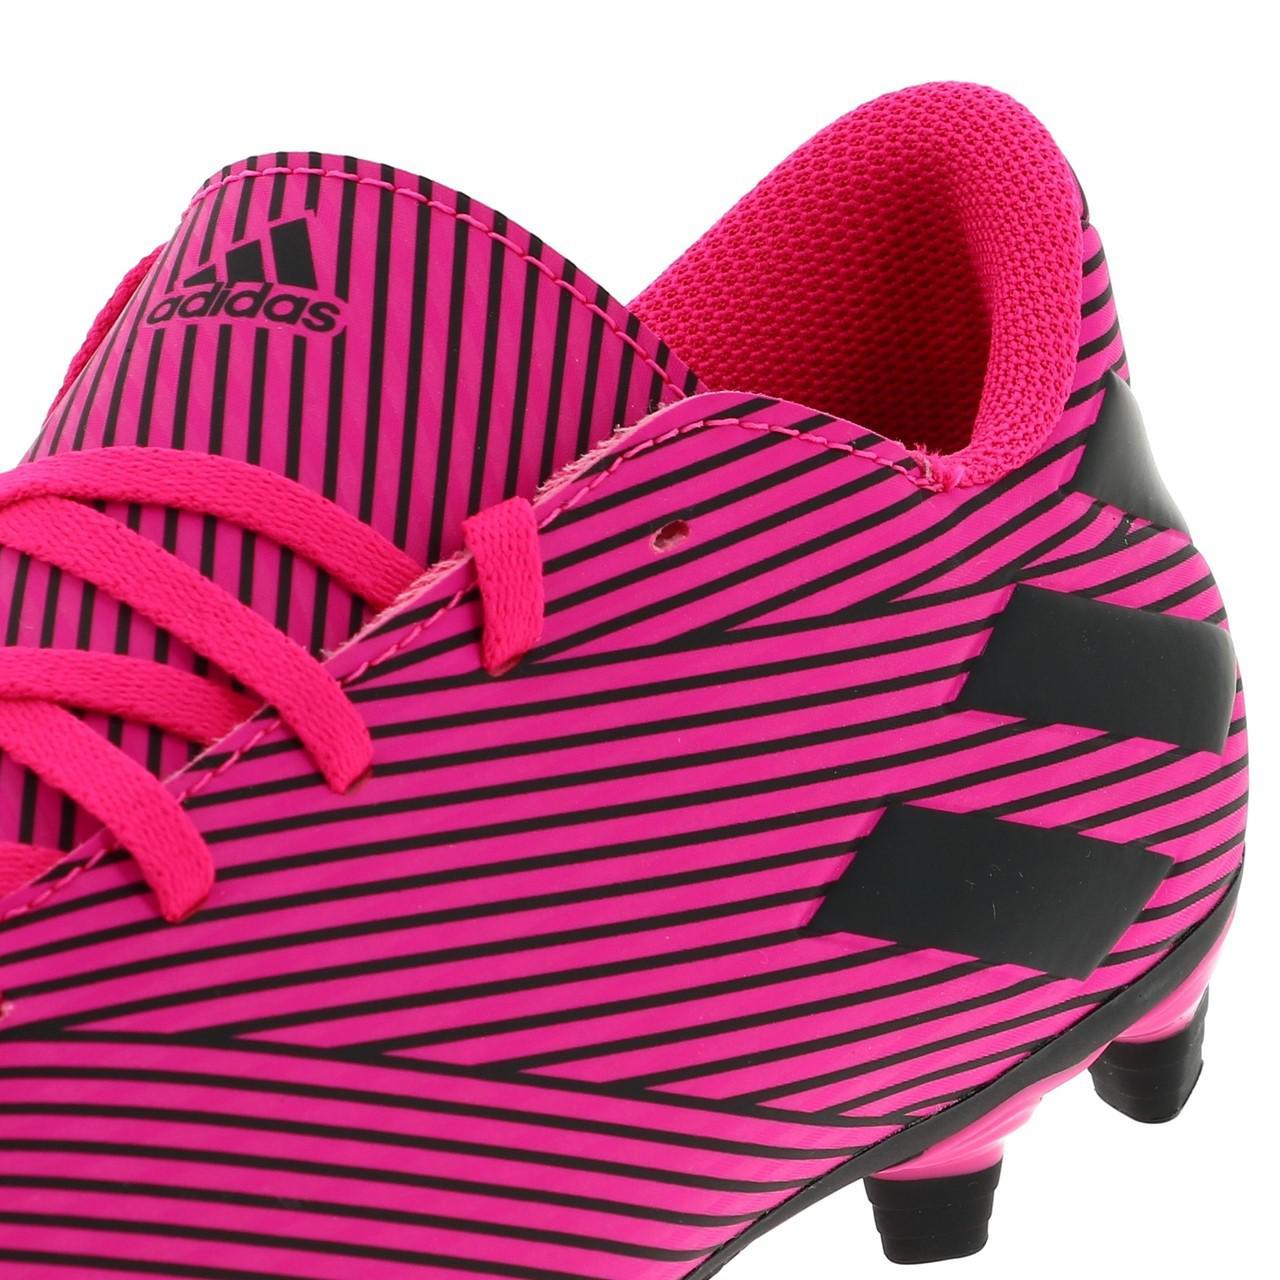 Football-Shoes-Flap-Adidas-Nemeziz-19-4-Fxg-Pink-48290-New thumbnail 2